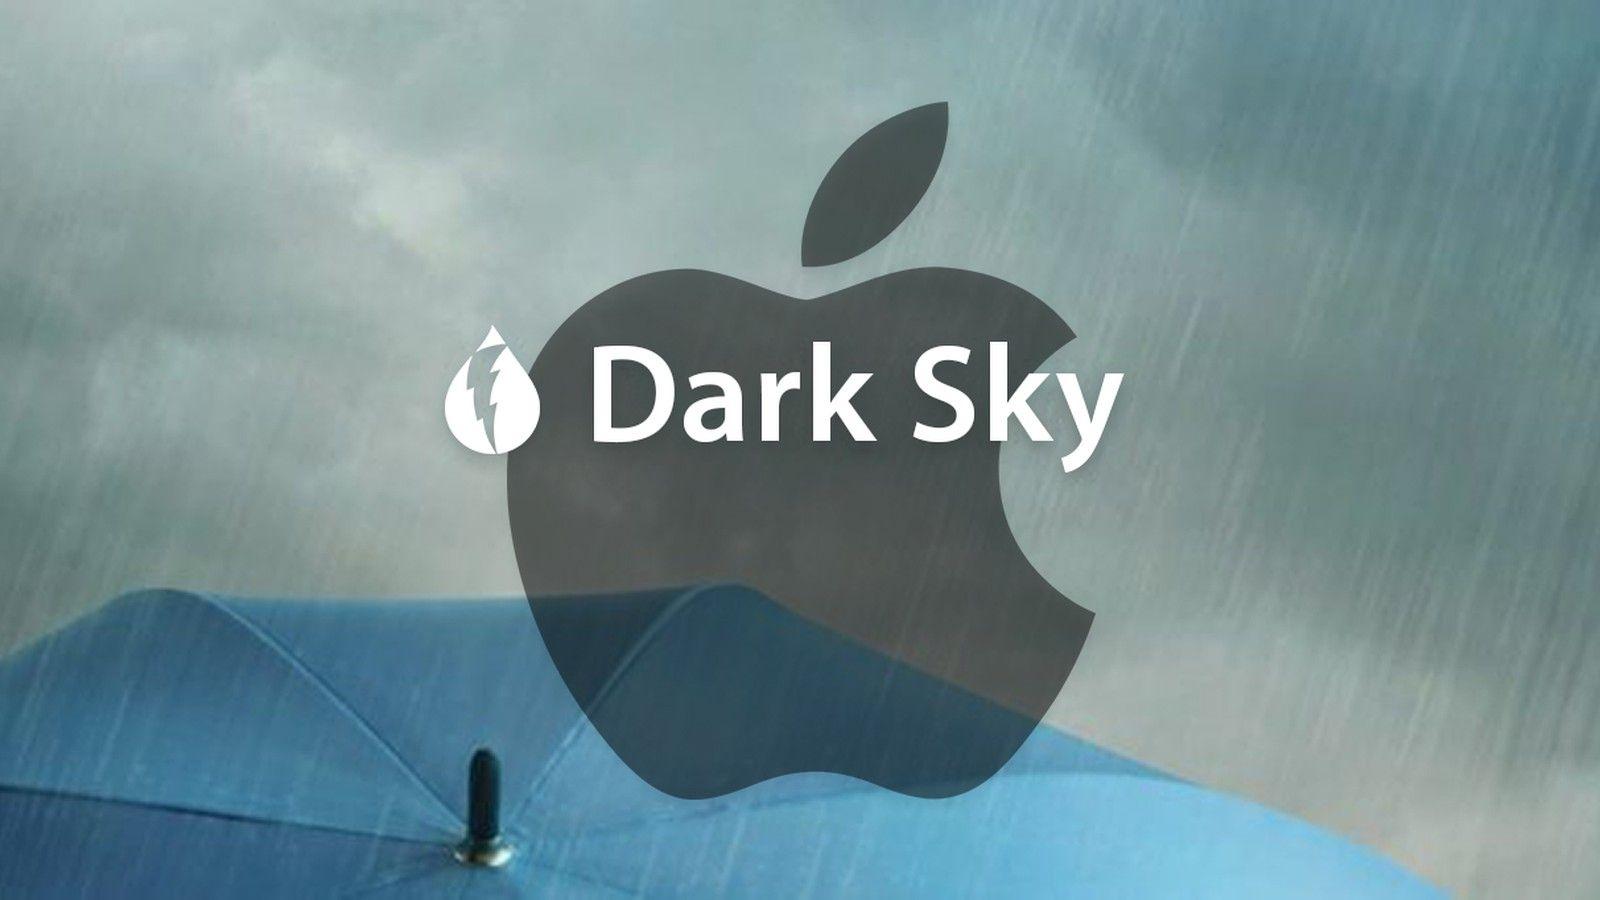 Dark Sky agora detida pela Apple